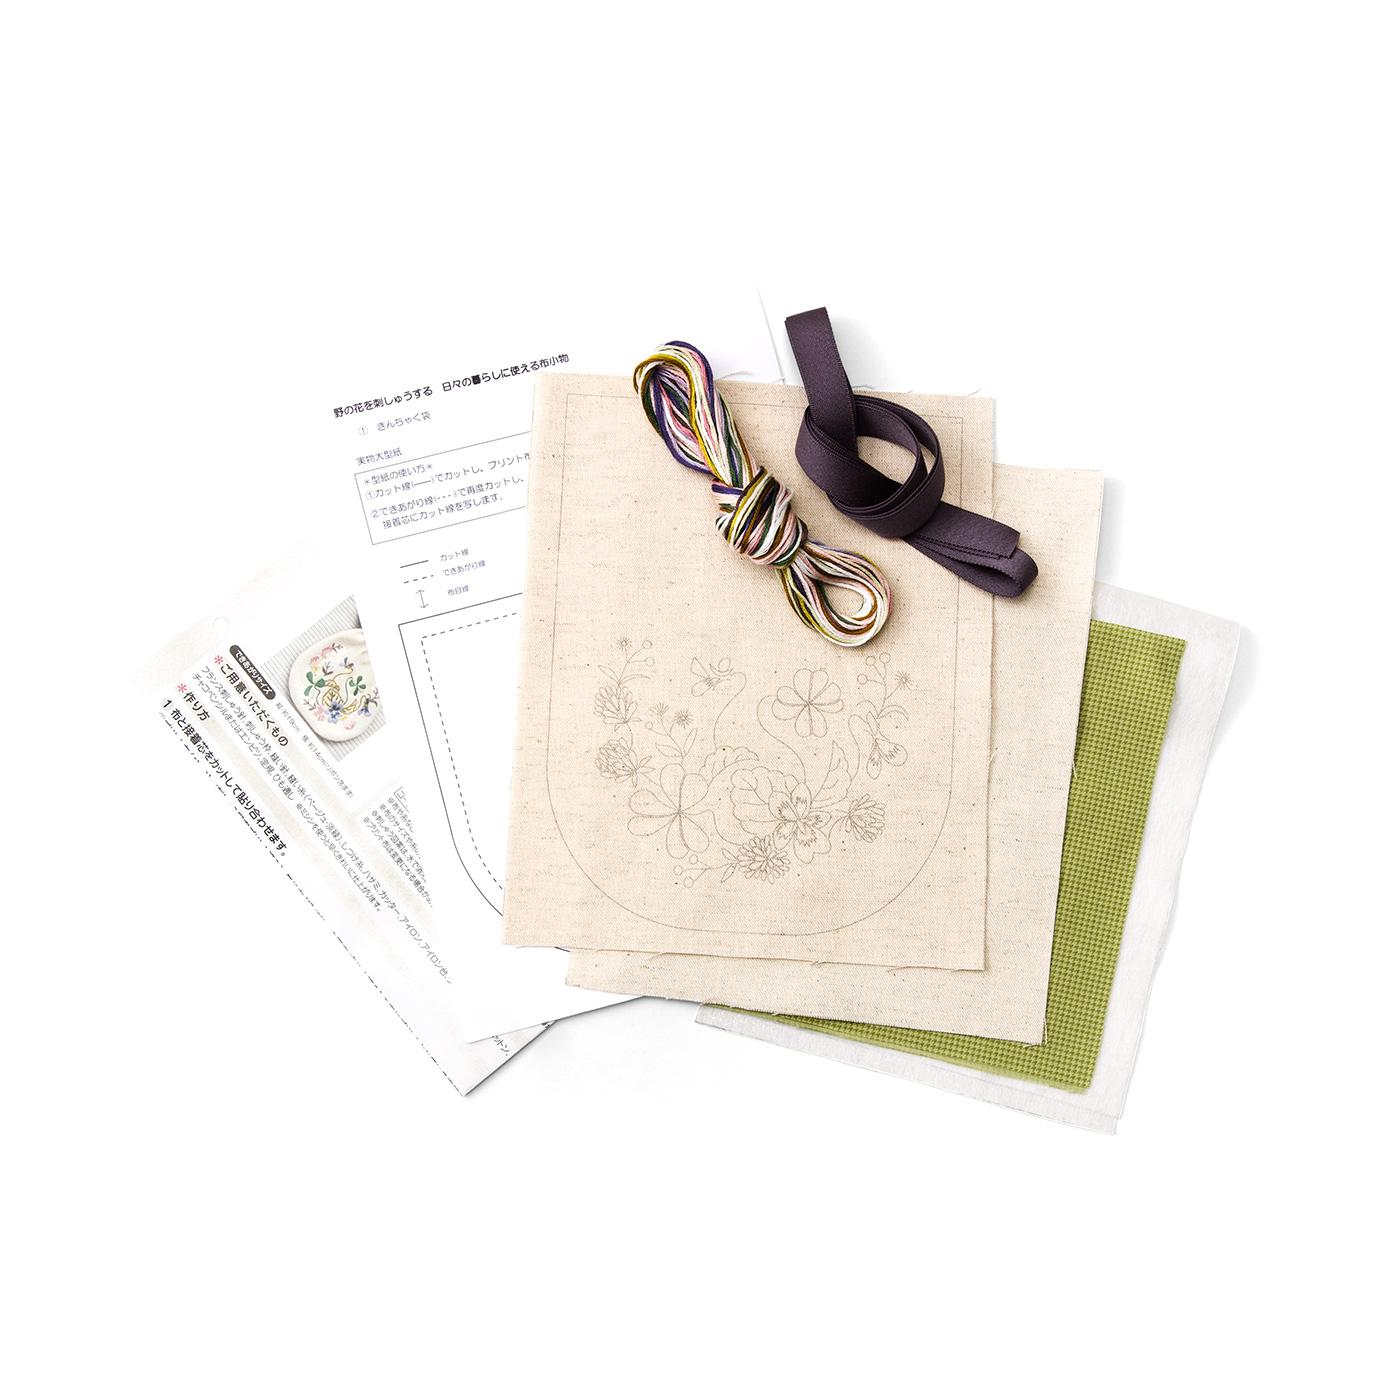 ●1回分のお届けキット例です。 作り方説明書付き 図案は印刷済み